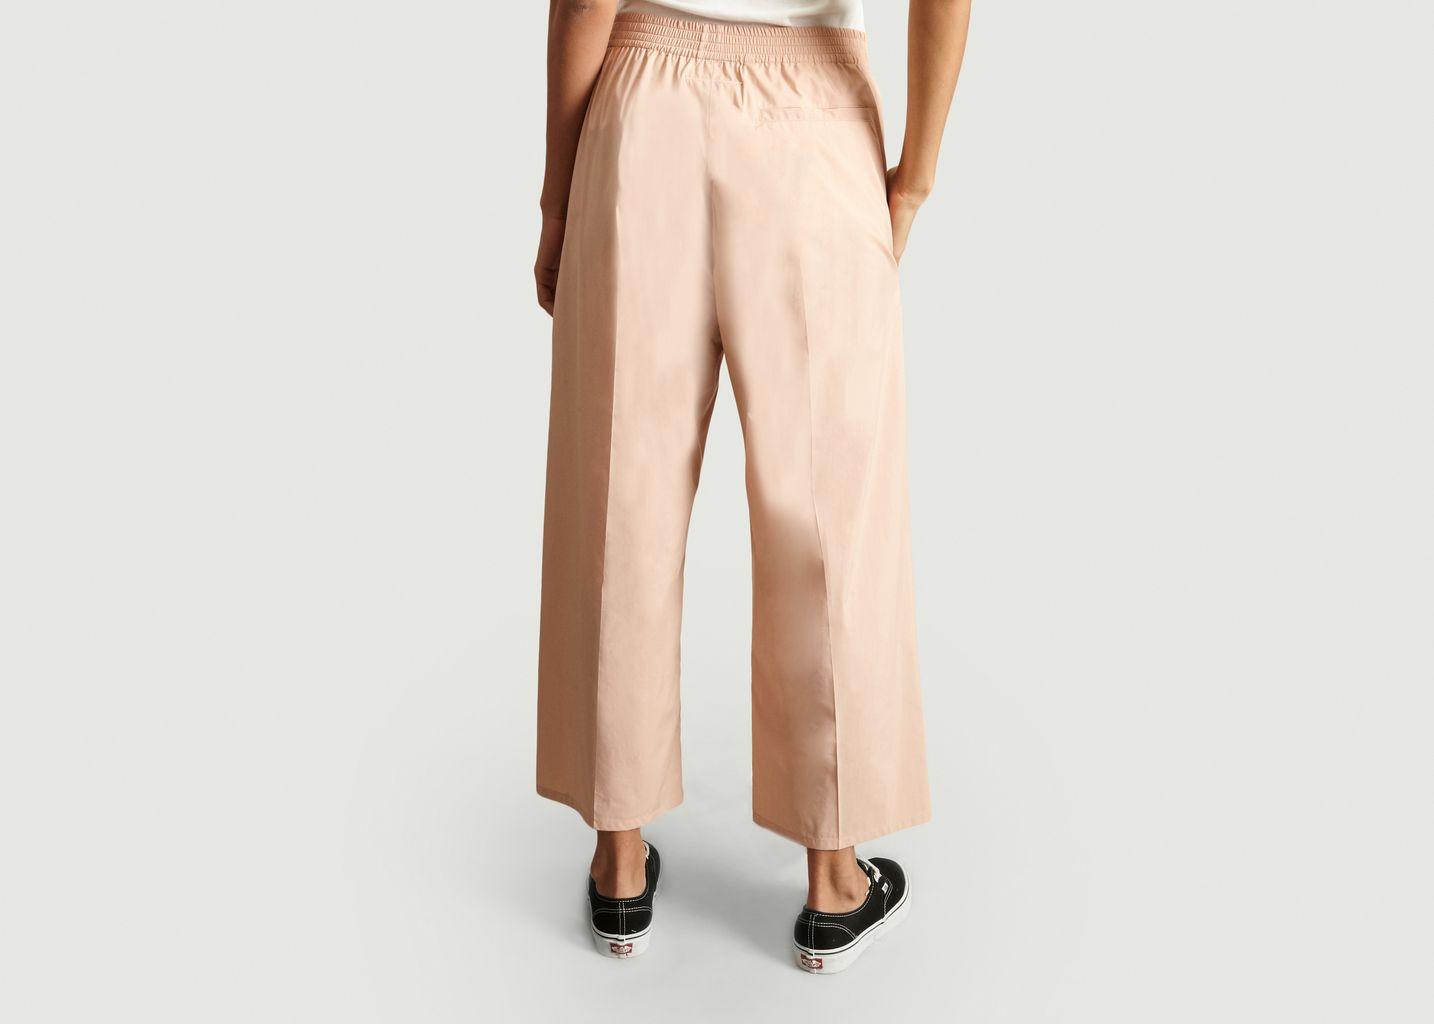 Pantalon Cropped - MM6